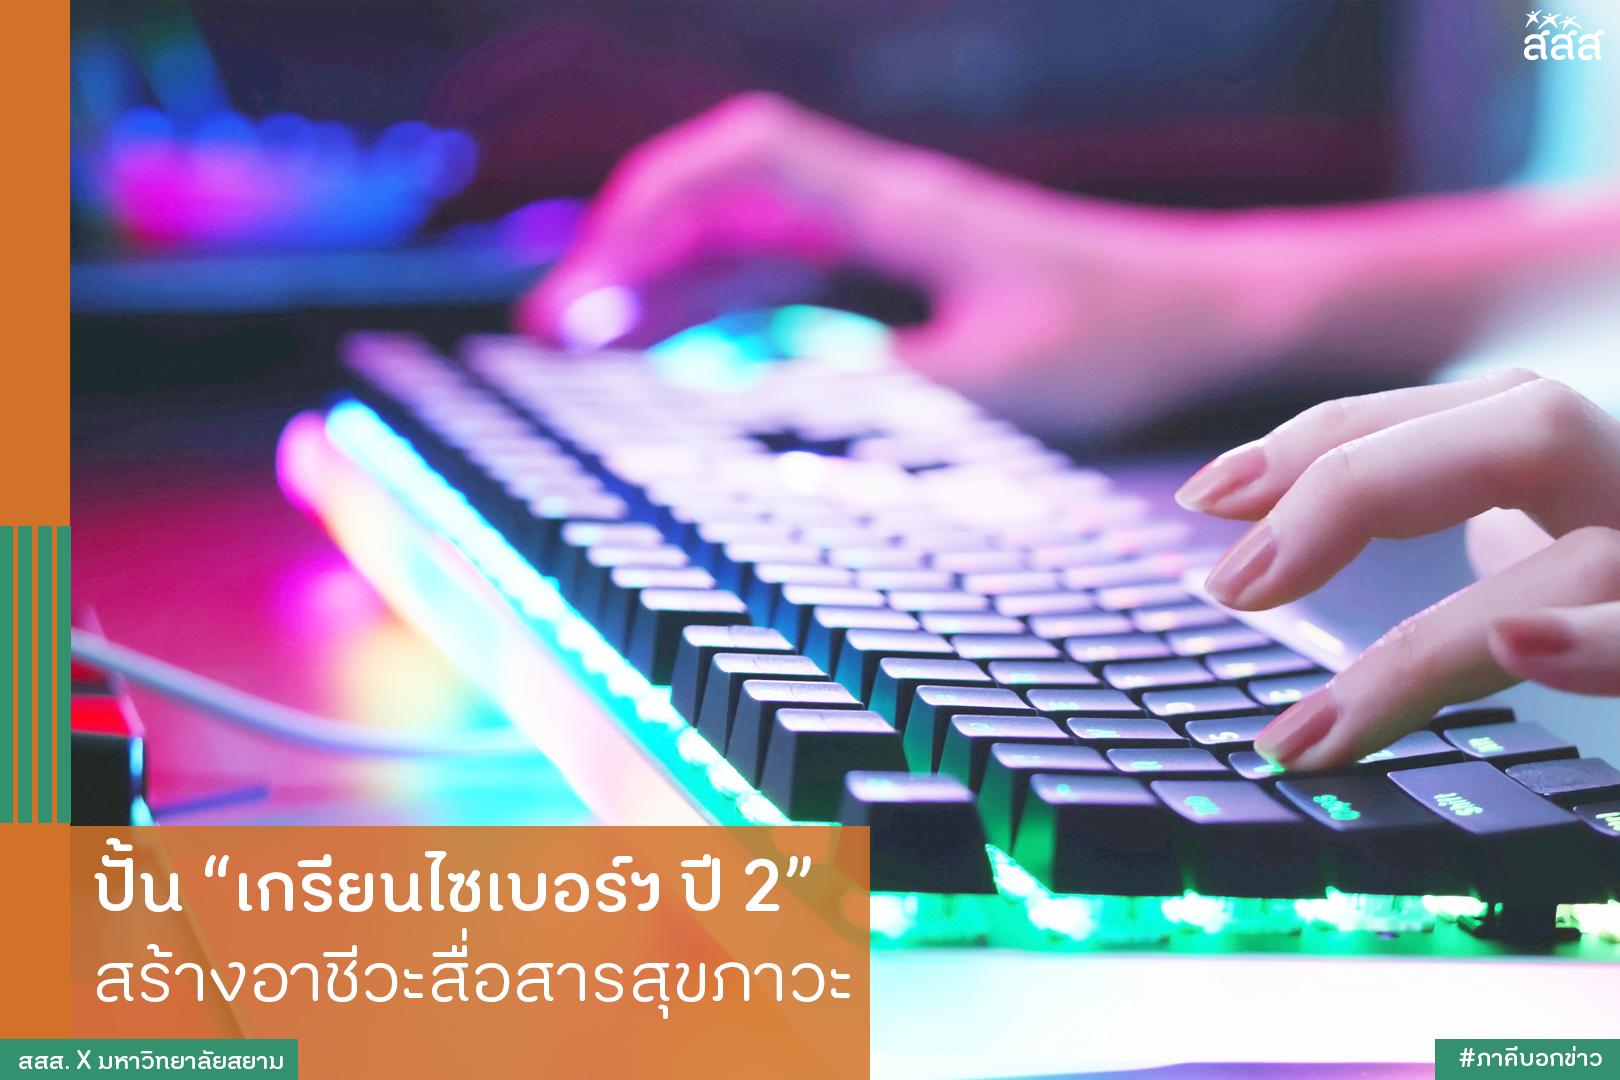 ปั้นเกรียนไซเบอร์ฯ ปี 2 สร้างอาชีวะสื่อสารสุขภาวะ thaihealth